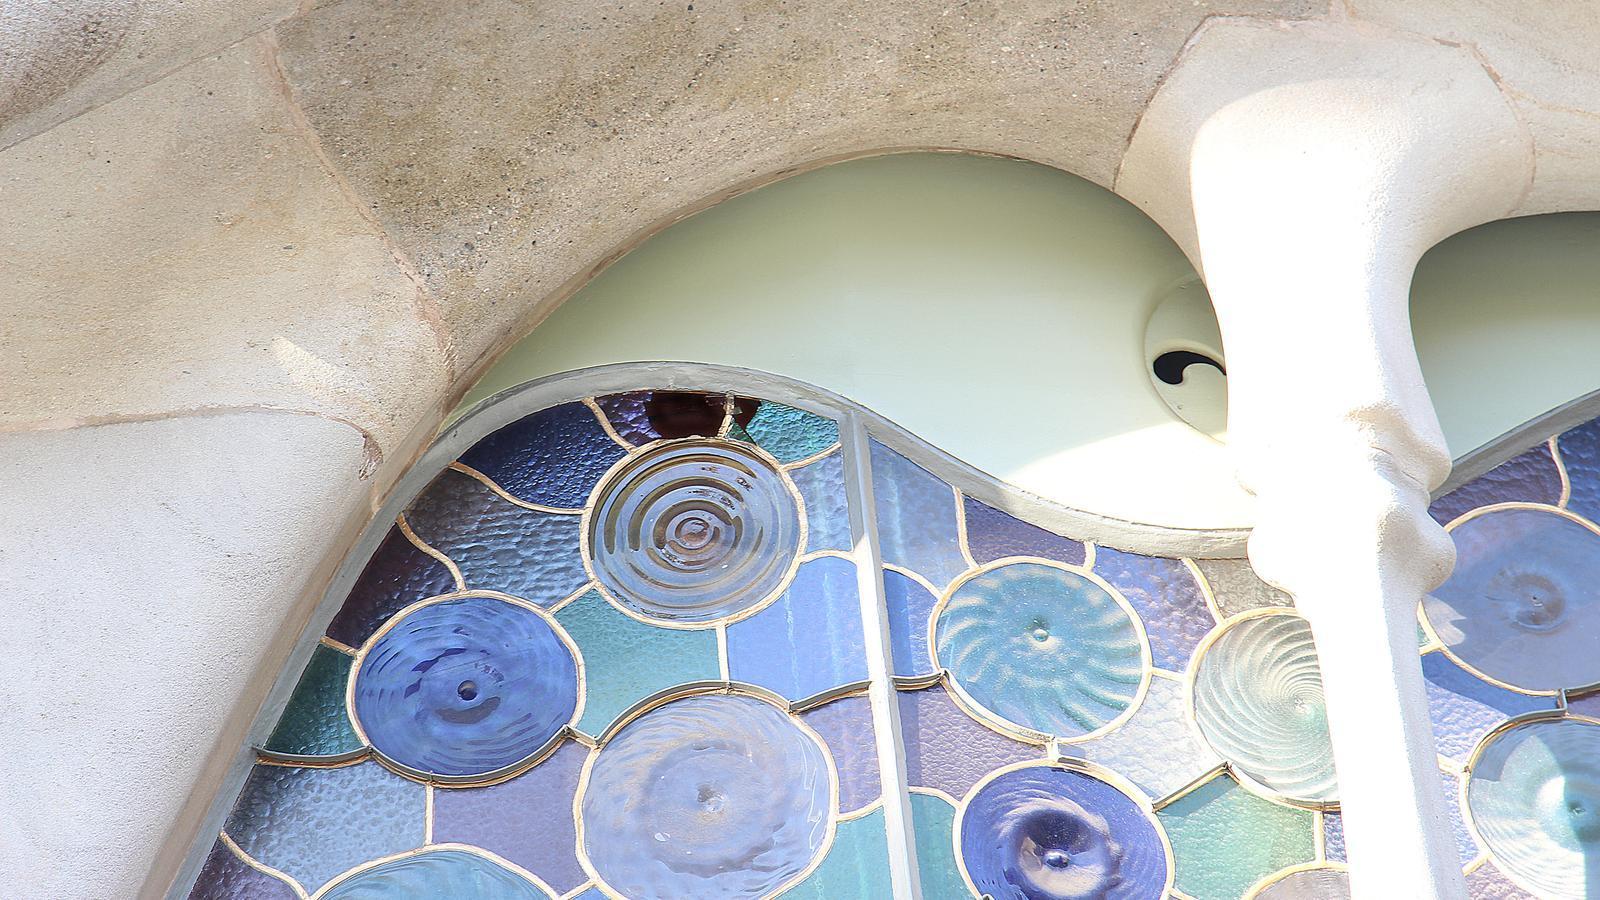 Imatge del forat que ha fet una pedra als vitralls de la Casa Batlló